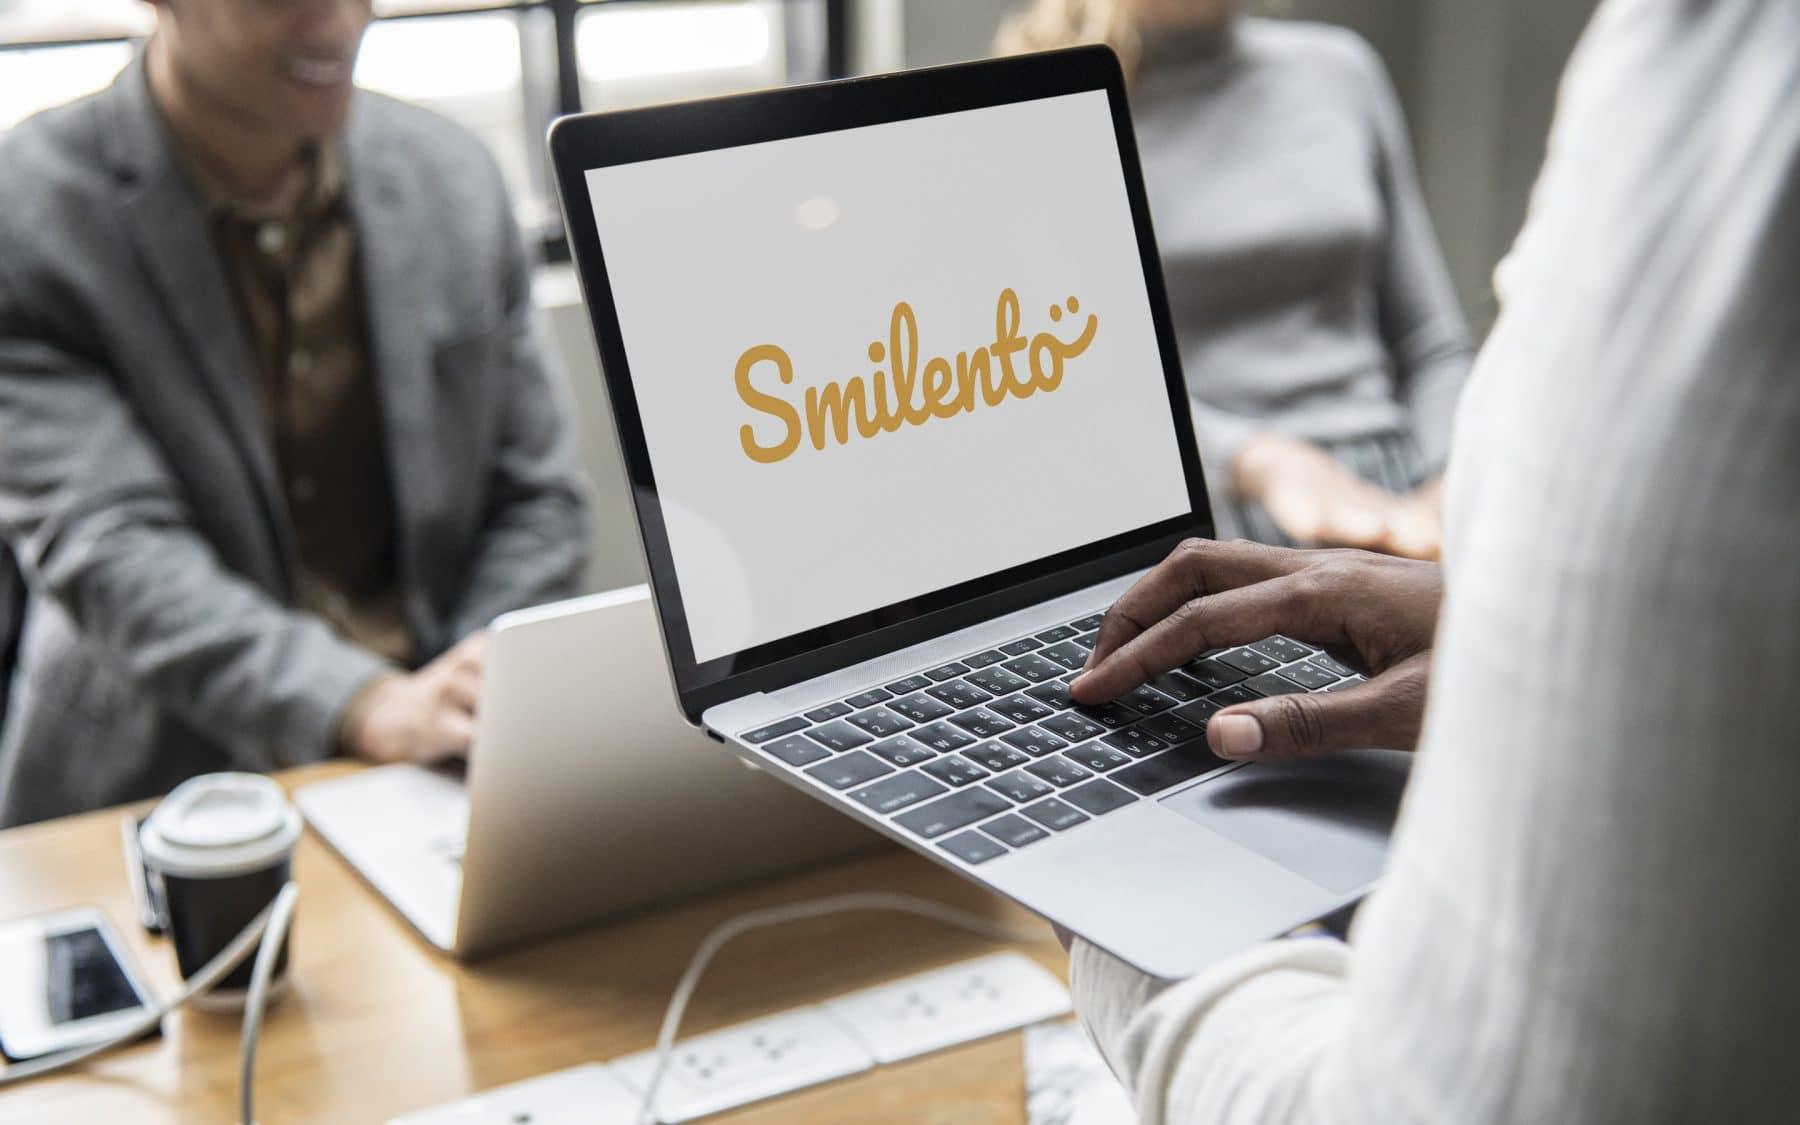 Smilento 2